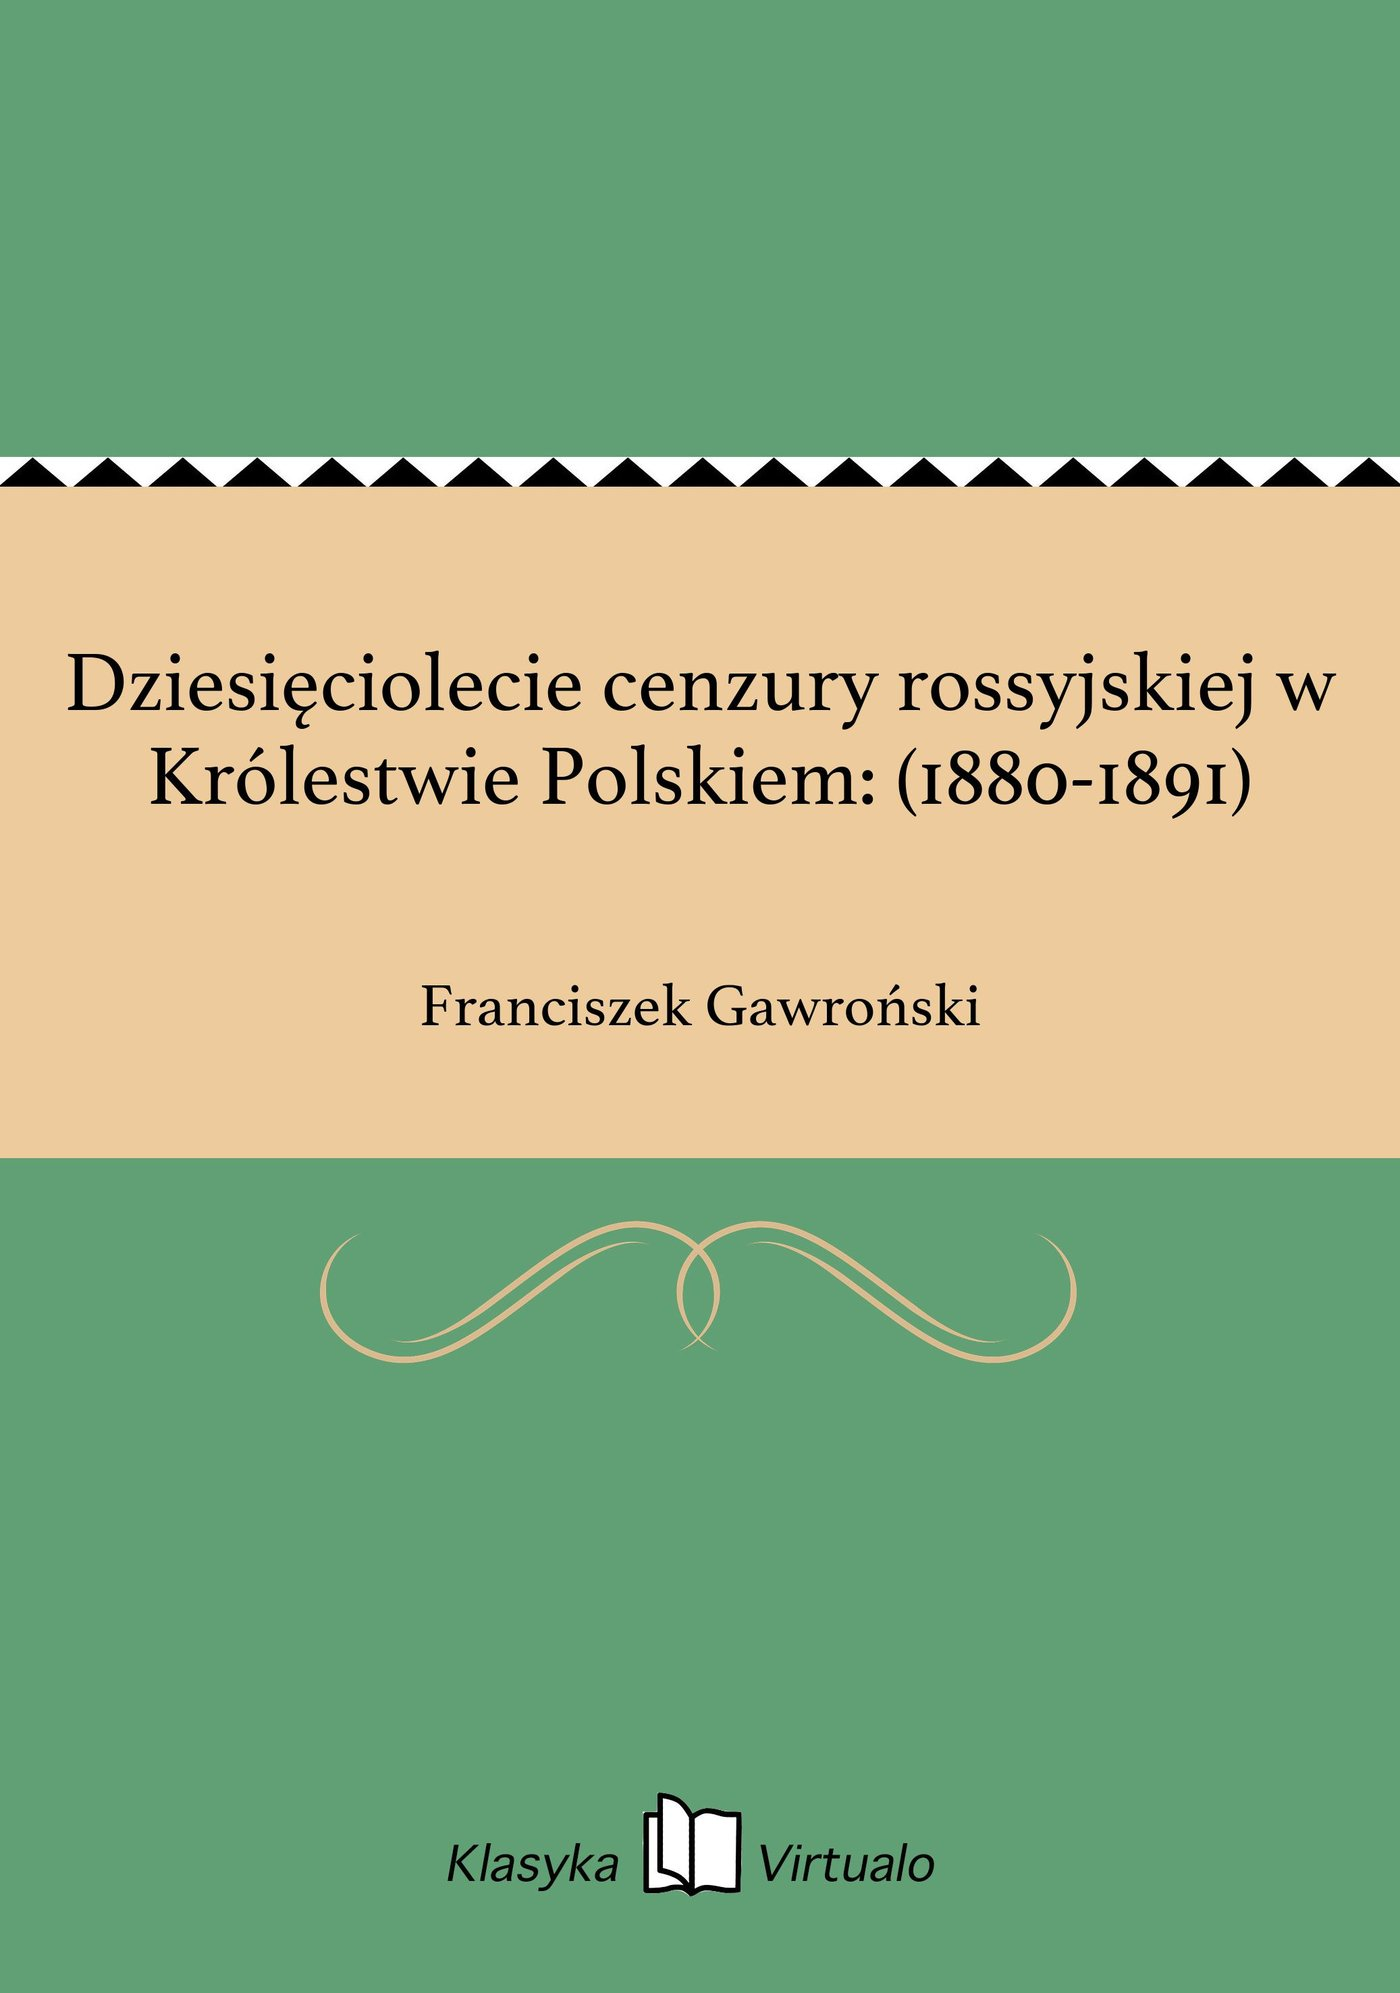 Dziesięciolecie cenzury rossyjskiej w Królestwie Polskiem: (1880-1891) - Ebook (Książka na Kindle) do pobrania w formacie MOBI